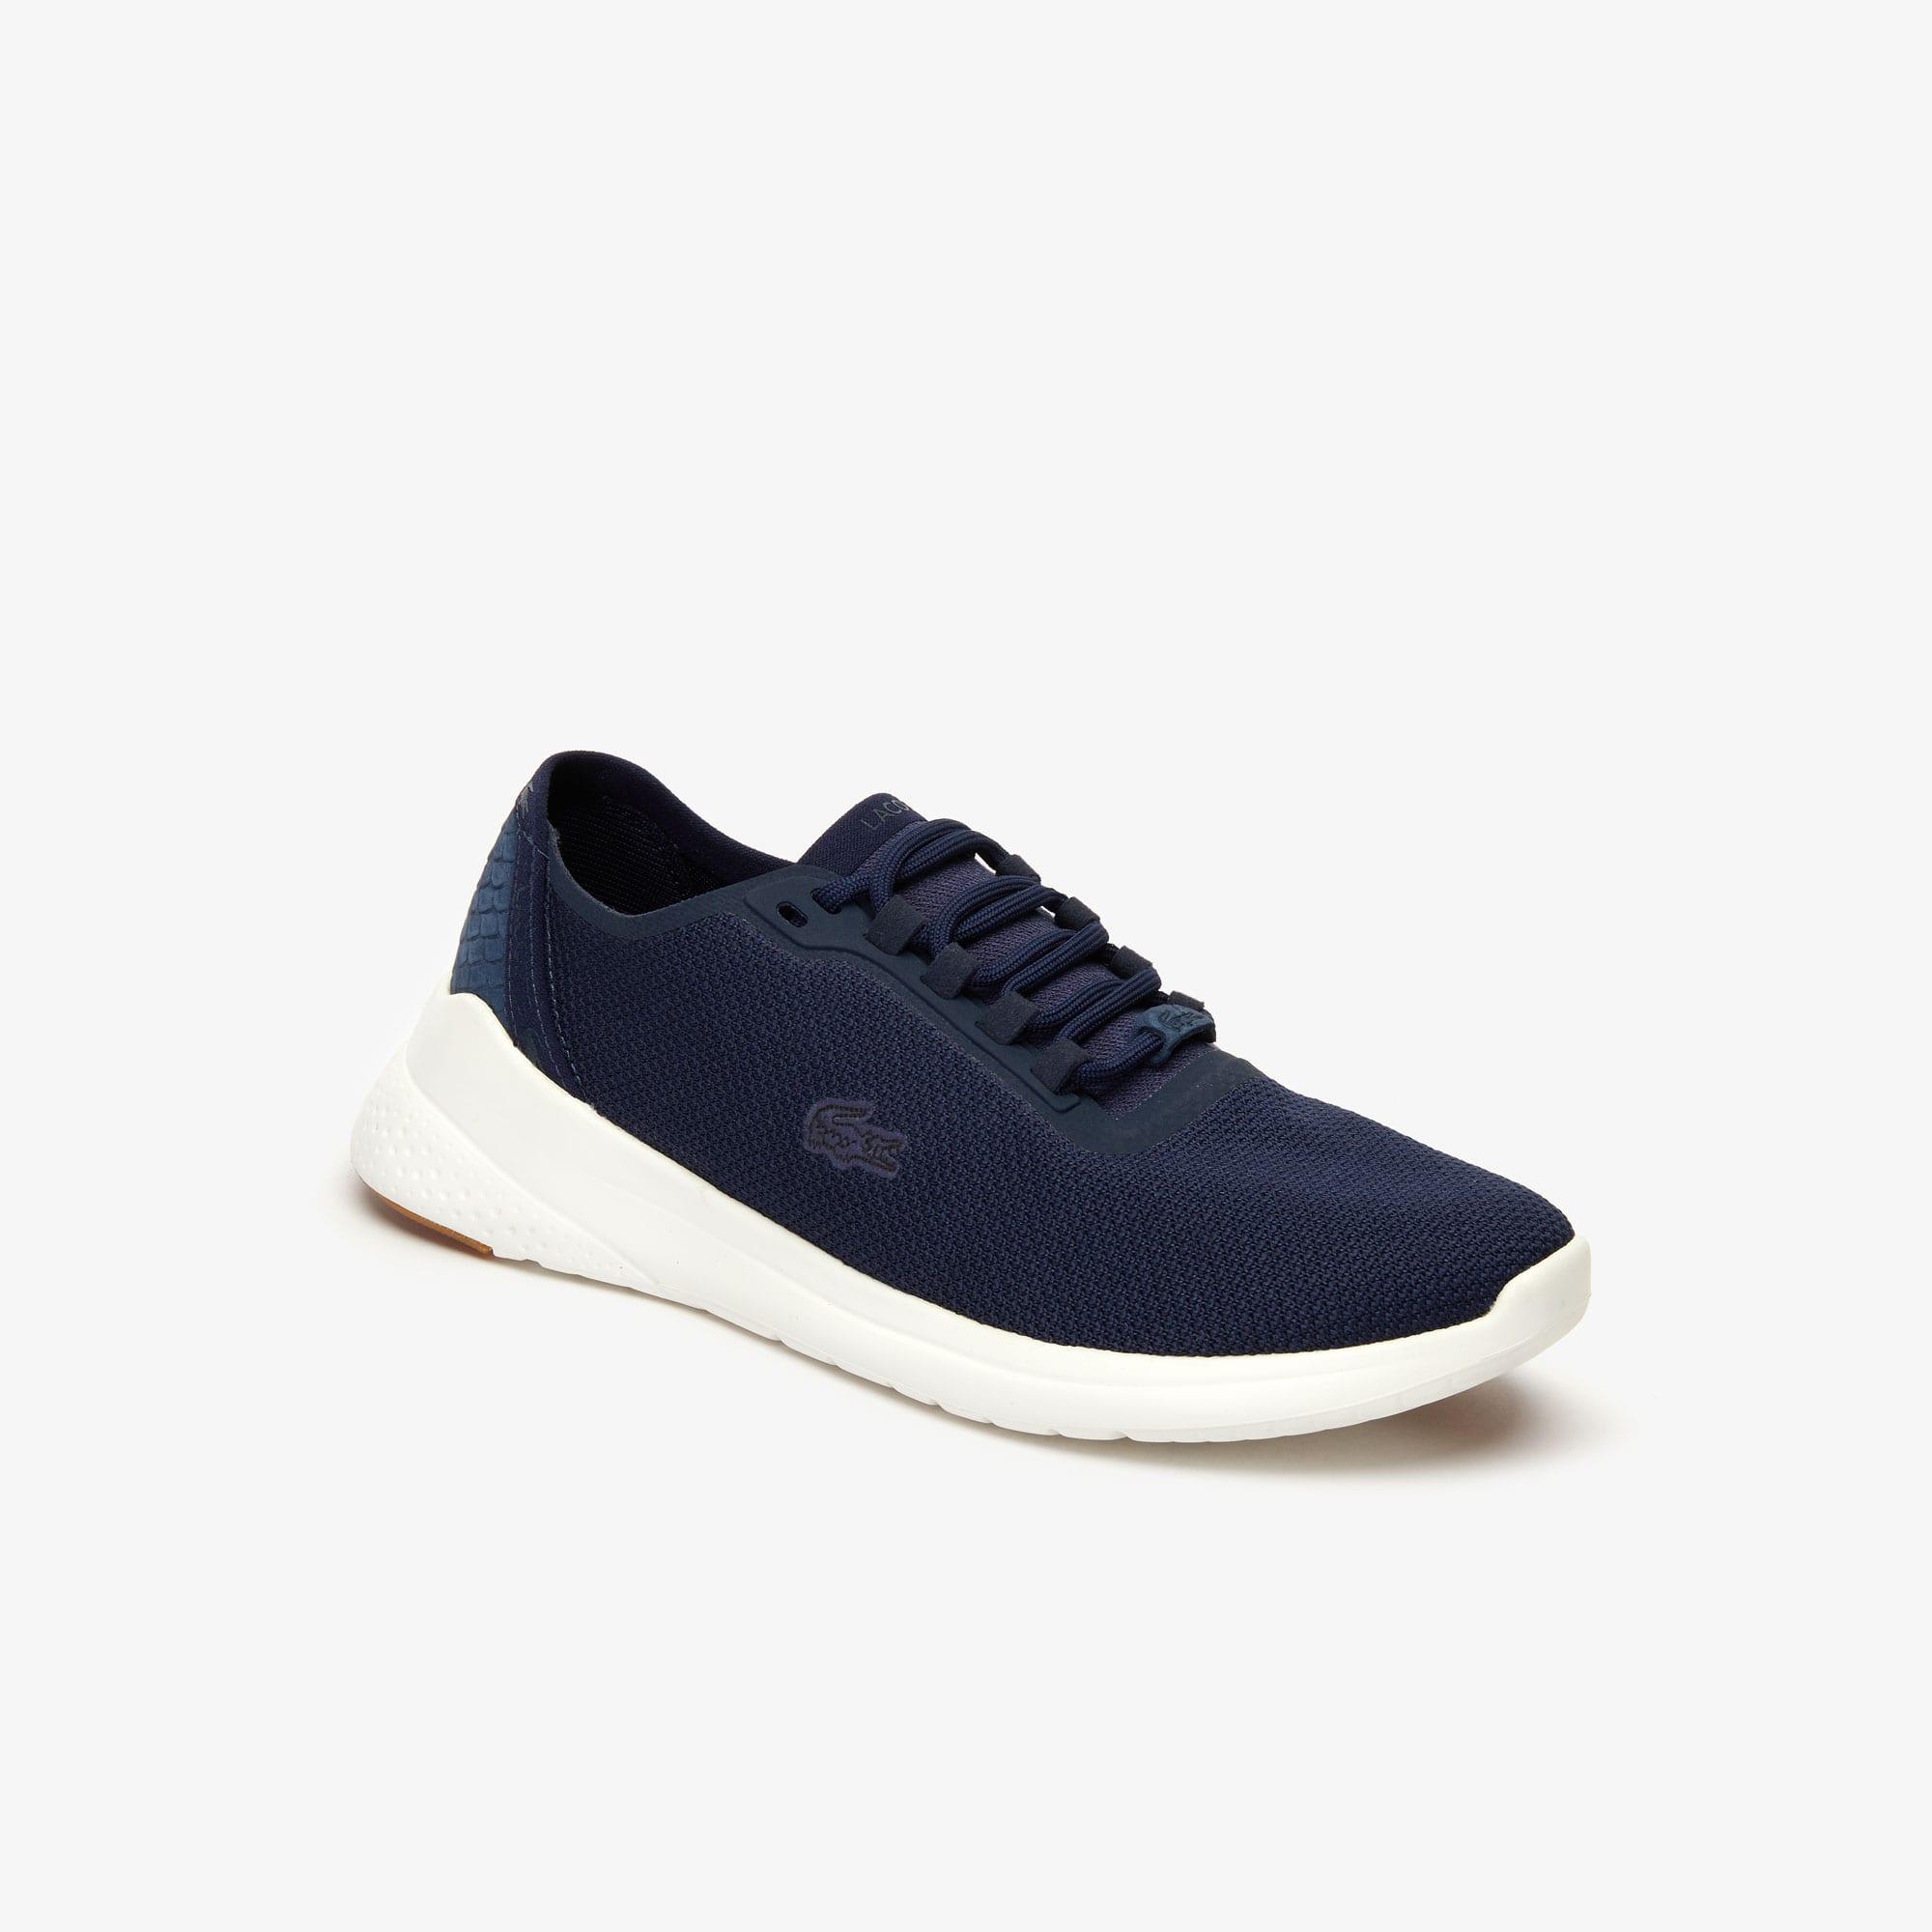 De Para Lacoste Calzado MujerColección Zapatos hxtsCdrQ